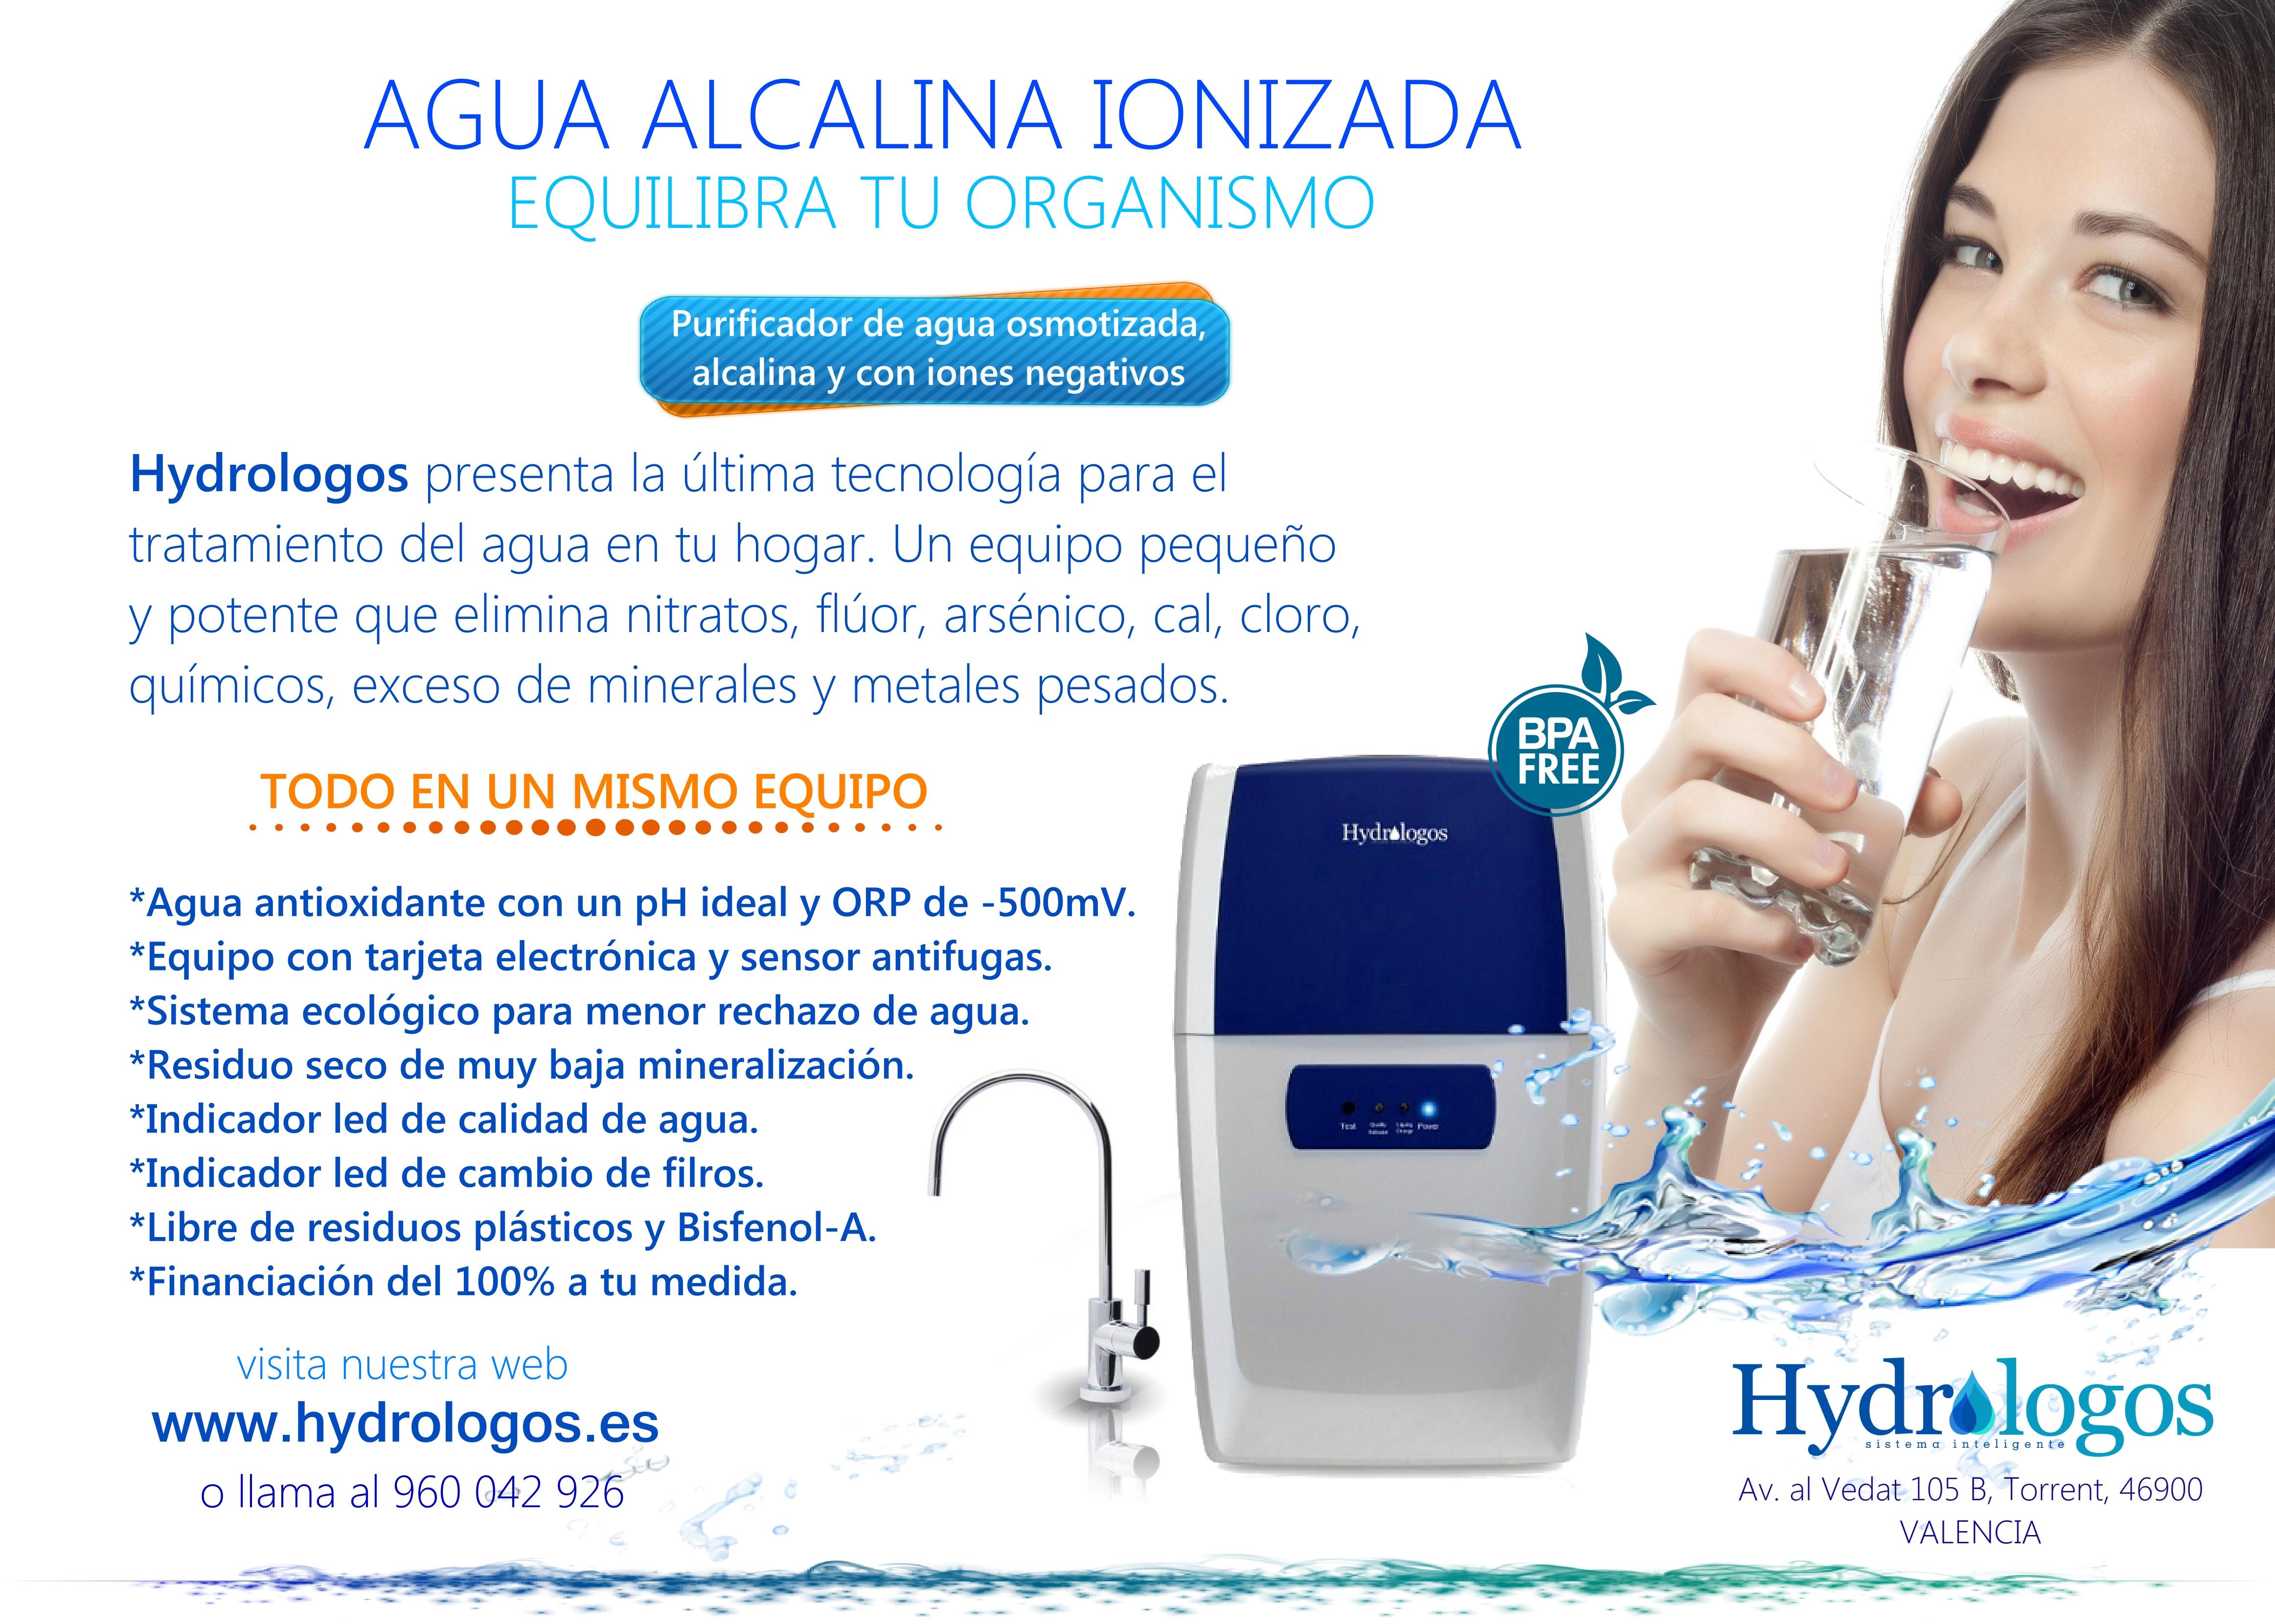 Agua alcalina ionizada Valencia